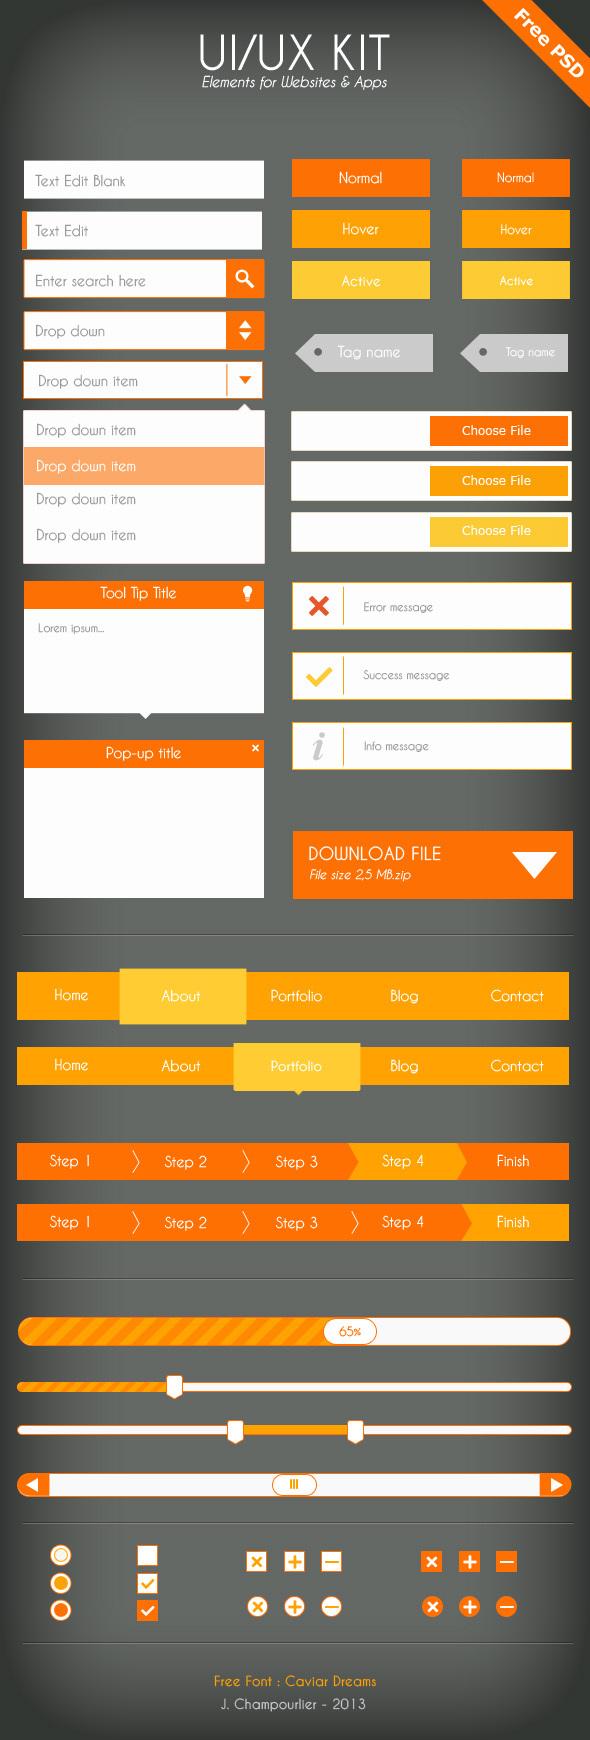 UI/UX Flat design - Free PSD, by Julie Champourlier